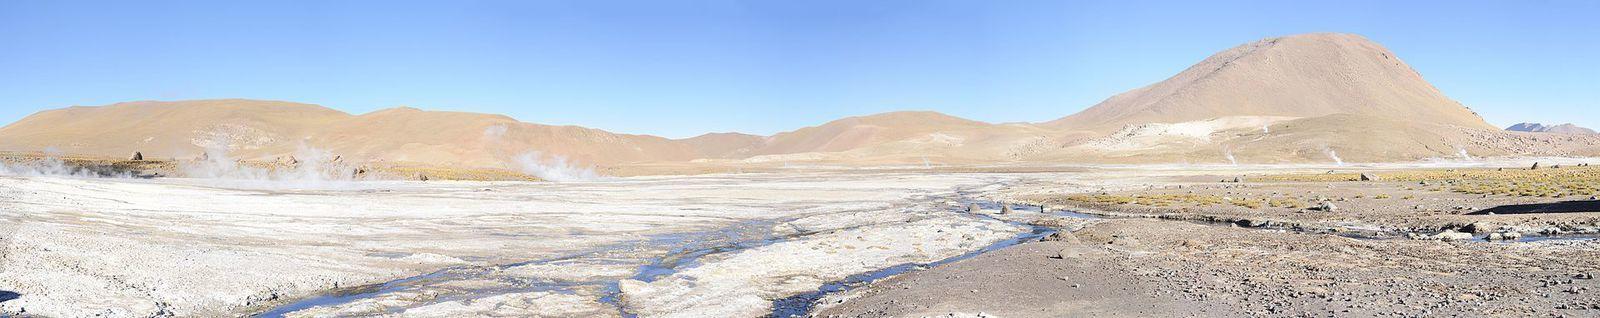 Zone volcanique centrale des Andes : Les volcans du nord du Chili